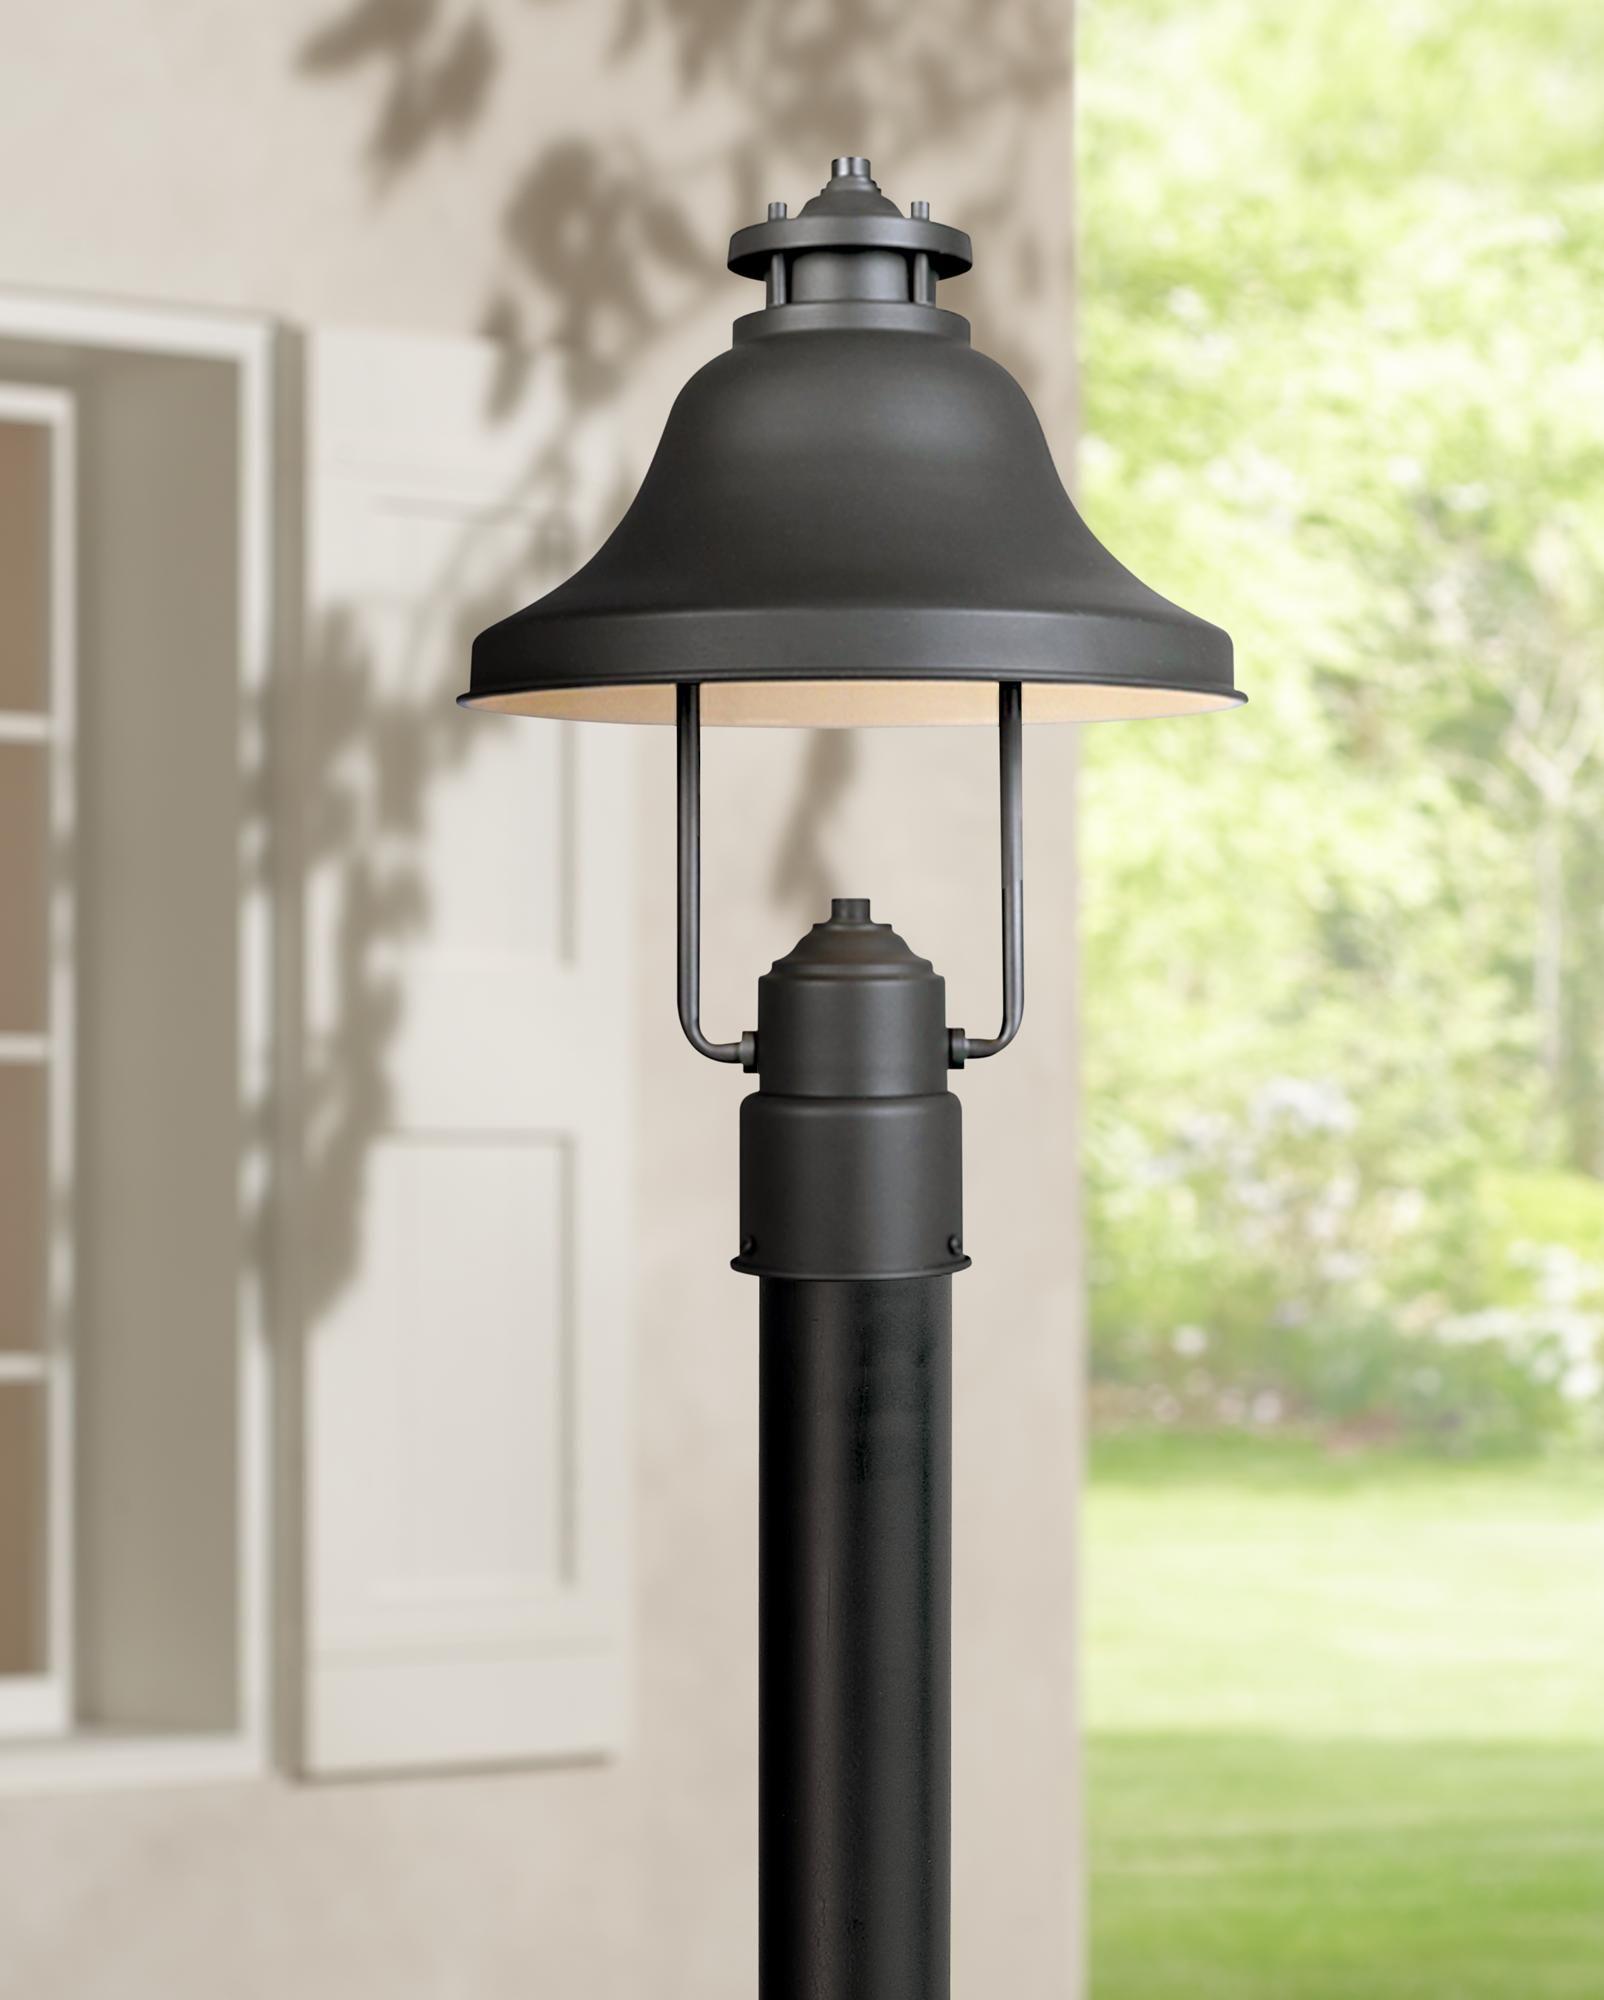 Outdoor Lighting Bayport Collection Dark Sky 15 1 4 High Outdoor Post Light Outdoor Post Lights Post Lights Outdoor Lamp Posts